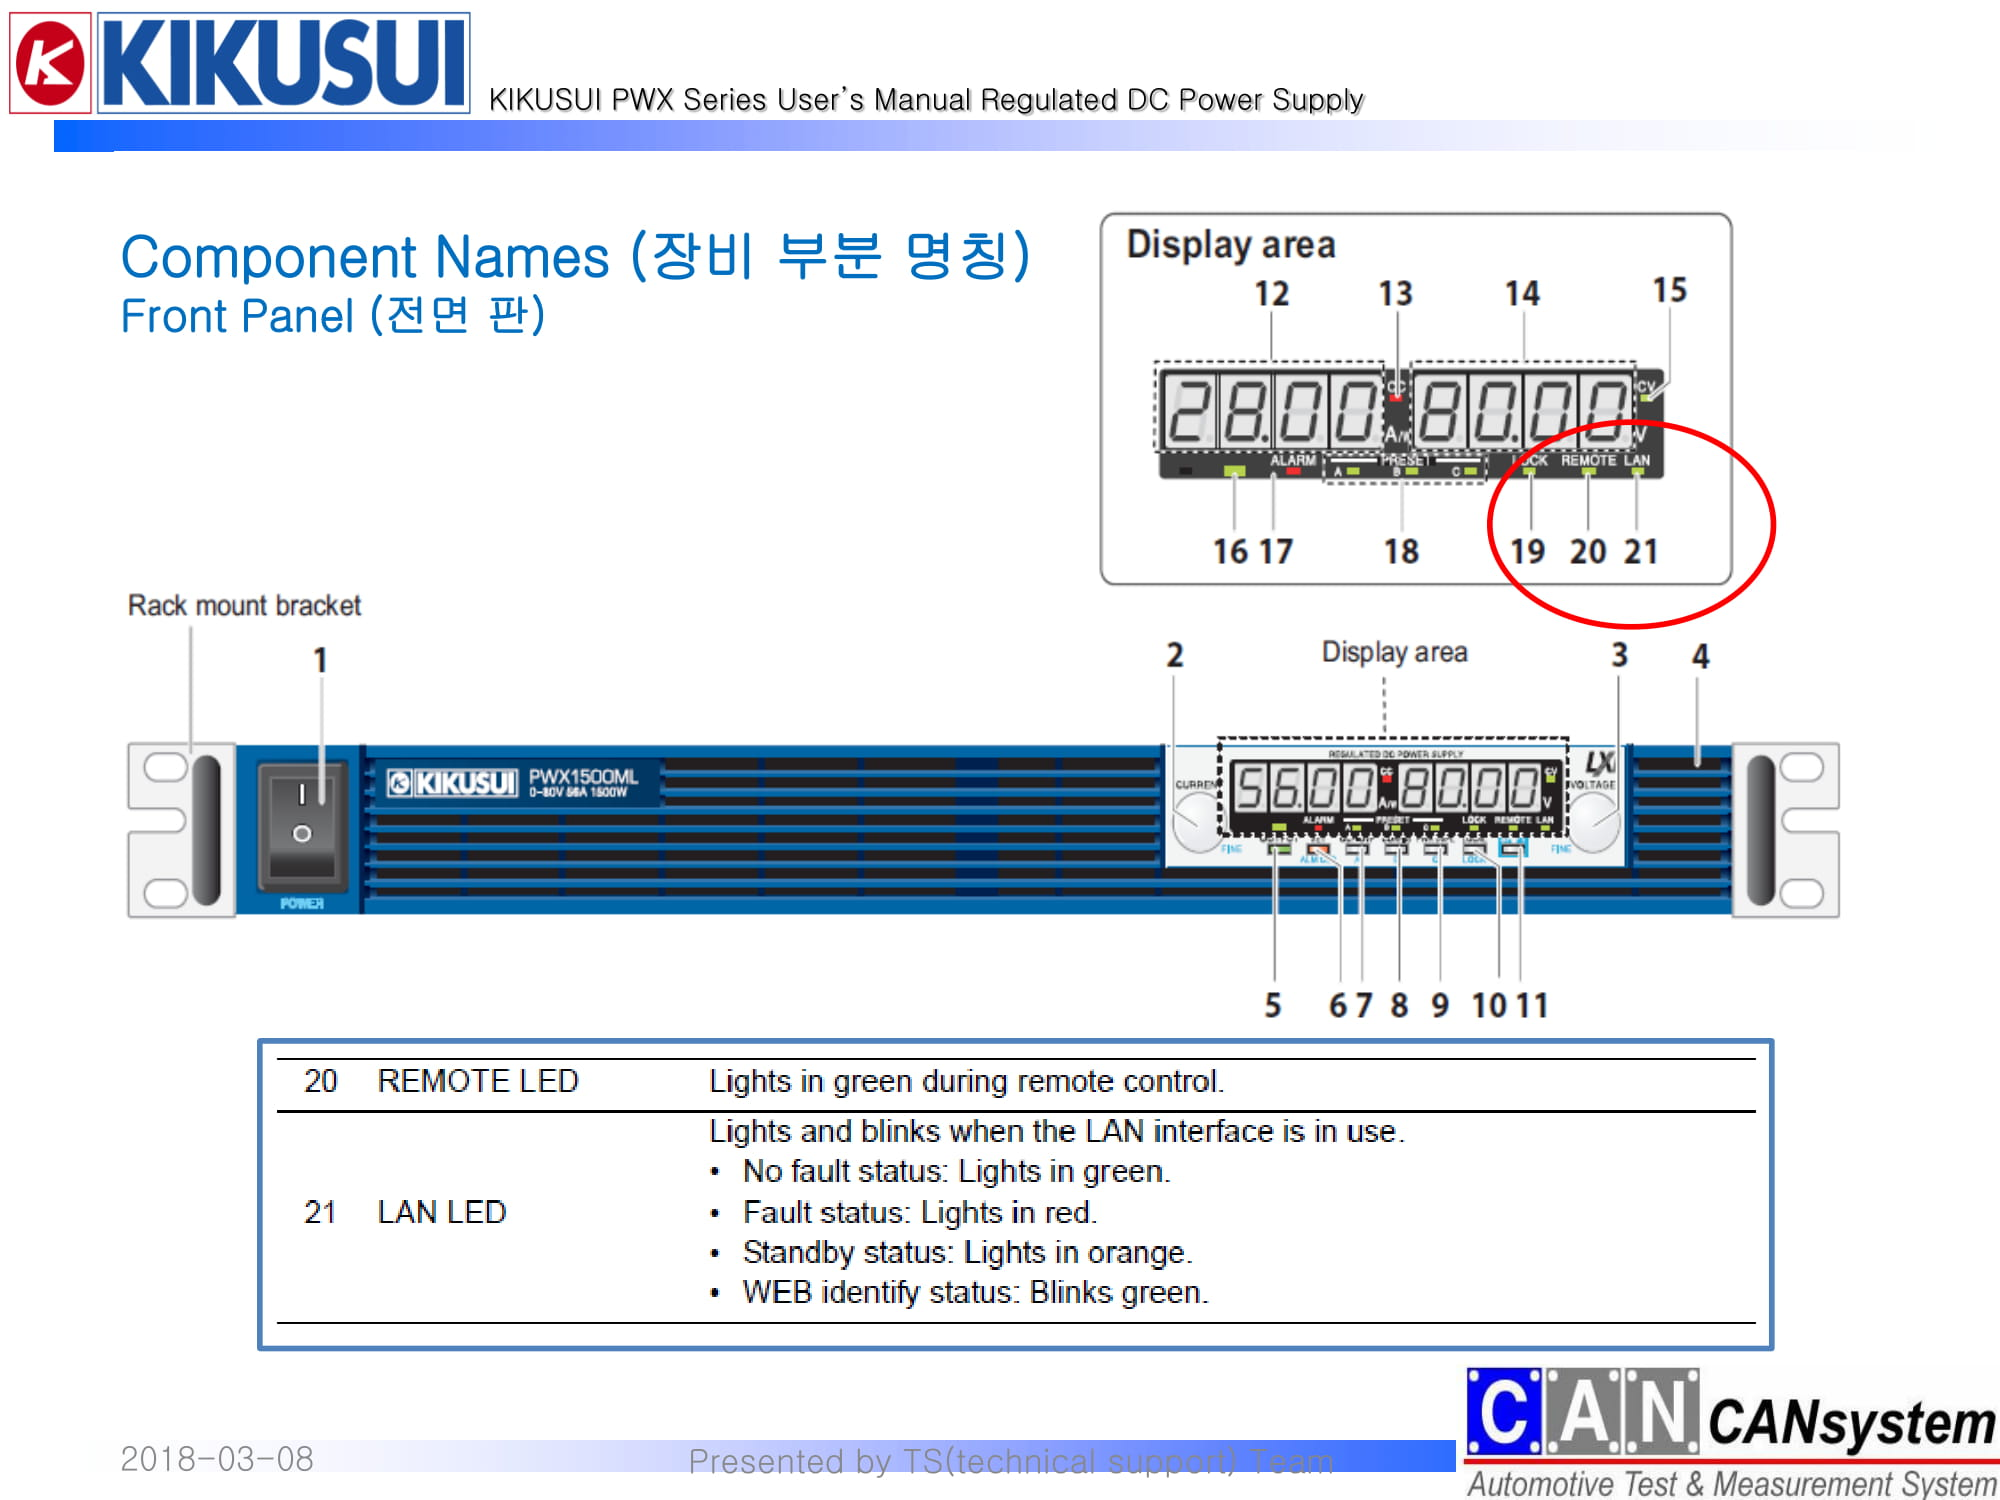 KIKUSUI PWX1500L 사용 가이드-09.jpg